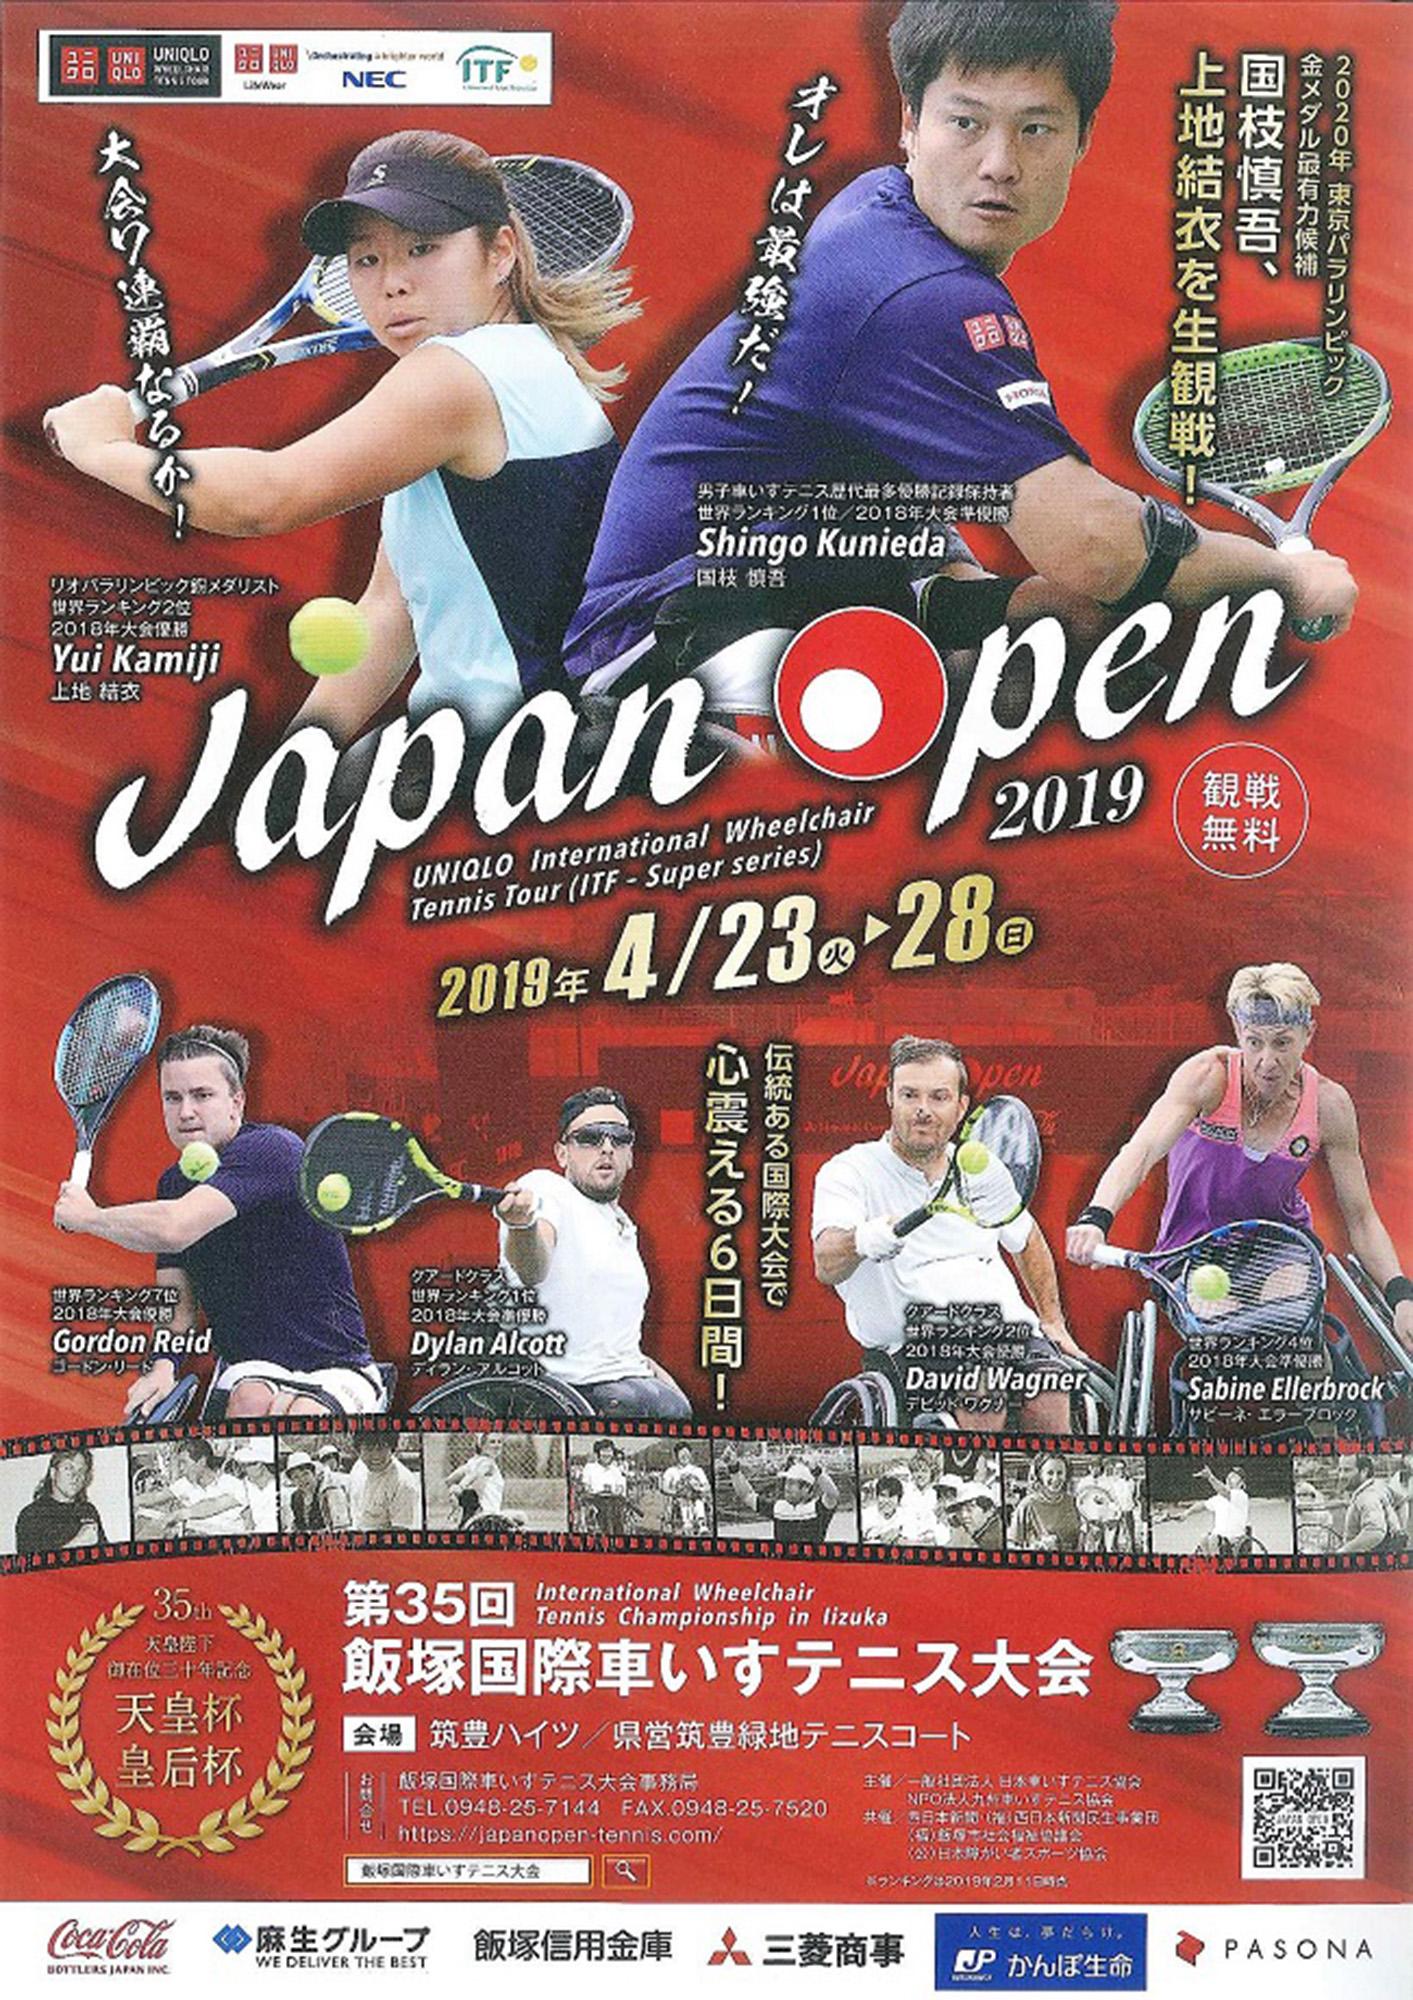 第35回 飯塚国際車いすテニス大会 Japan Open 2019